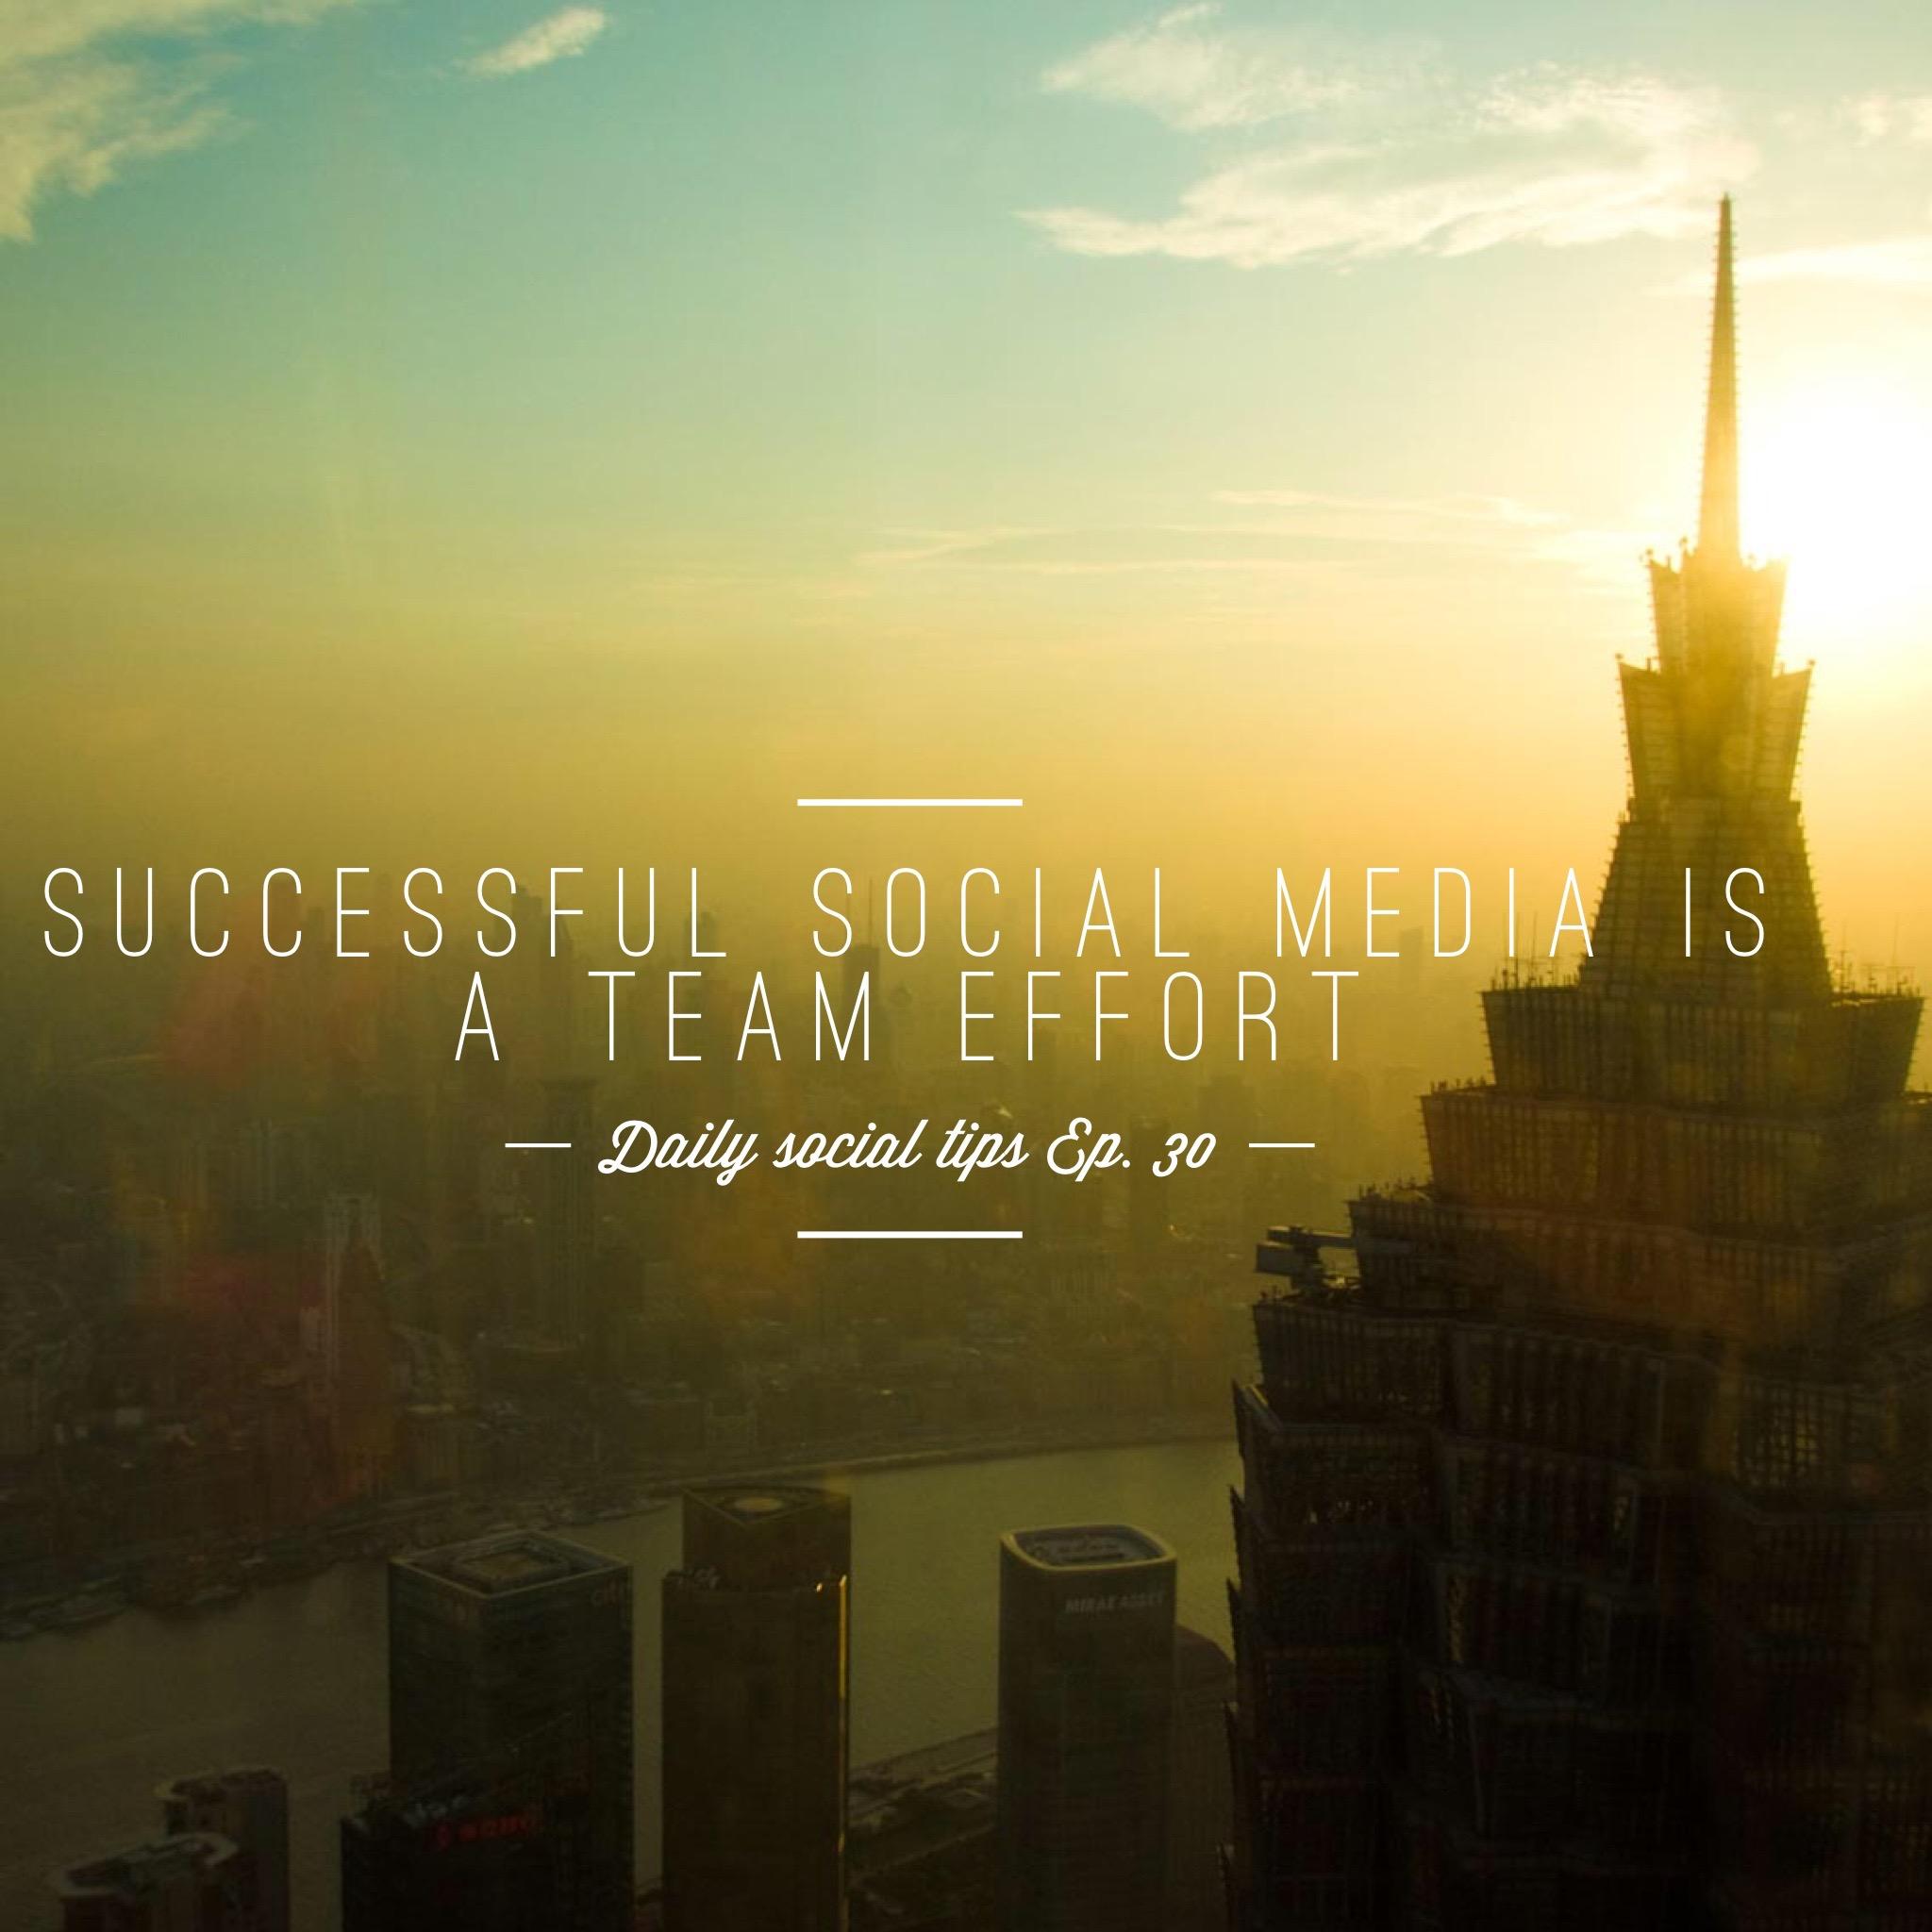 social media is a team effort